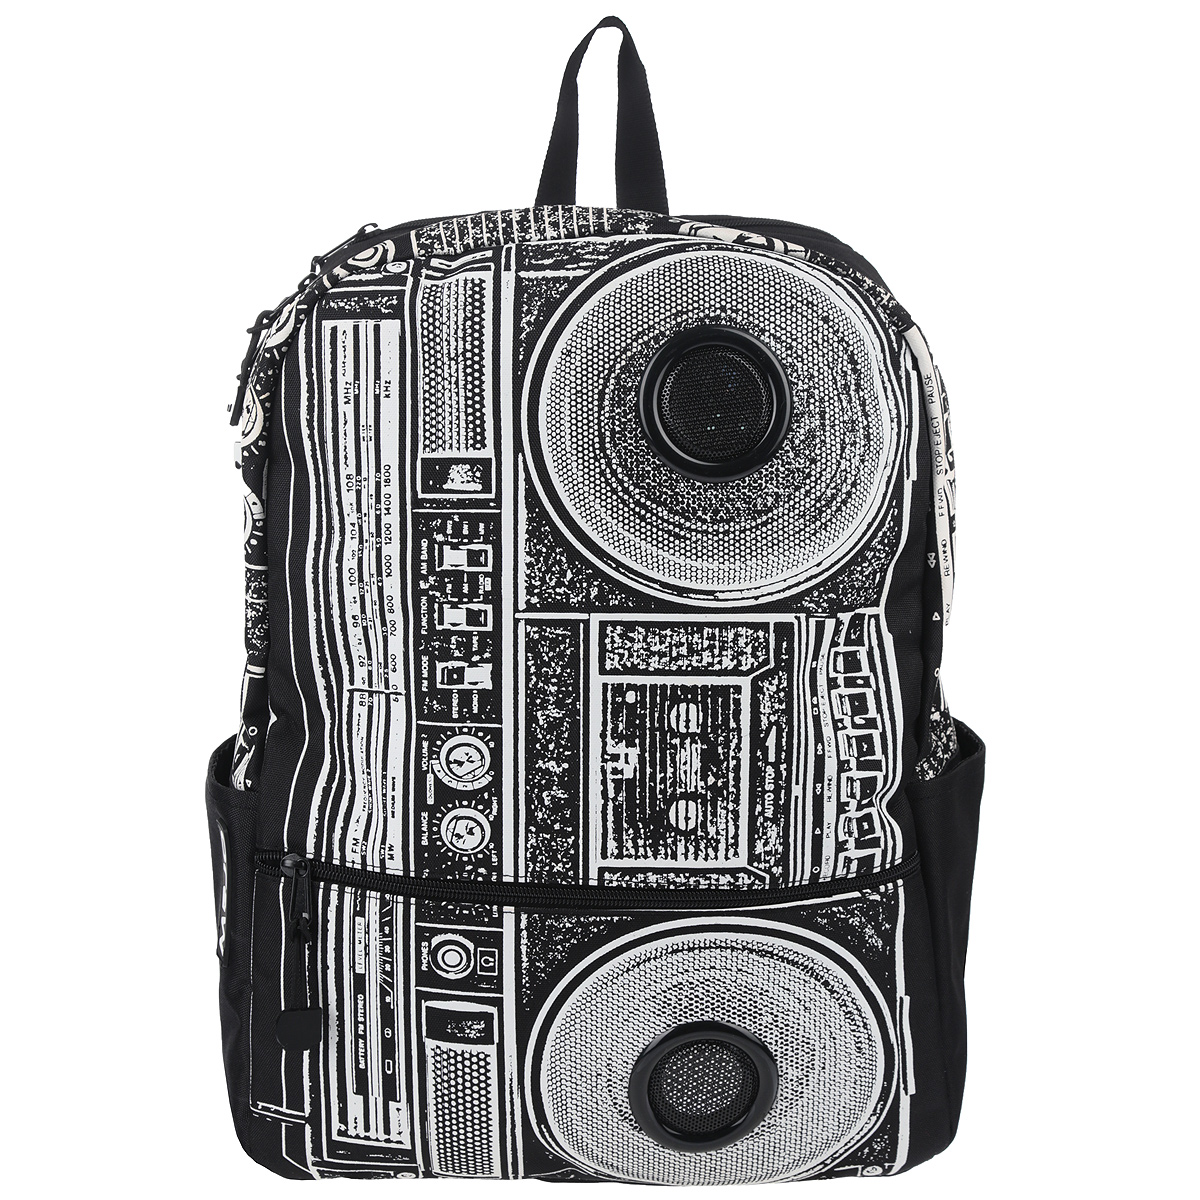 Рюкзак Mojo Pax Boombox, с динамиками, цвет: черный, белый. KZ9983489BP-303 BKСтильный городской рюкзак Mojo Pax Boombox выполнен из плотного полиэстера, материал изделия устойчив к воздействию влаги и солнца, оформлен принтом с изображением Boombox и дополнен динамиками.Рюкзак выполнен из плотного полиэстера, материал изделия устойчив к воздействию влаги и солнца. Модель очень вместительная и функциональная: в основной отсек, закрывающийся на застежку-молнию, вместятся тетрадки, учебники и другие вещи. Также имеется специальное отделение для планшета, с мягкими стенками для защиты гаджета от повреждений. Снаружи расположено 3 кармашка: один большой карман на молнии спереди и два открытых кармашка по бокам, один из них на липучке. Рюкзак имеет уплотненную спинку и мягкие широкие лямки регулируемой длины, а также петлю для переноски в руке.Однако, Boombox - это не просто обычный рюкзак. Он снабжен стереодинамиками с усилителем. Карман на липучке сбоку предназначен для iPod/iPhone, смартфона, mp3, CD плеера, которые легко подключаются к динамикам через стандартный 3,5мм разъем. Динамики работают на батарейках, 4 батарейки типа АА 1,5 V в комплект не входят.Стильный городской рюкзак Mojo Pax Boombox подходит для тех, кто привык шокировать и выделяться из толпы. Идеальный вариант для школьников и студентов.